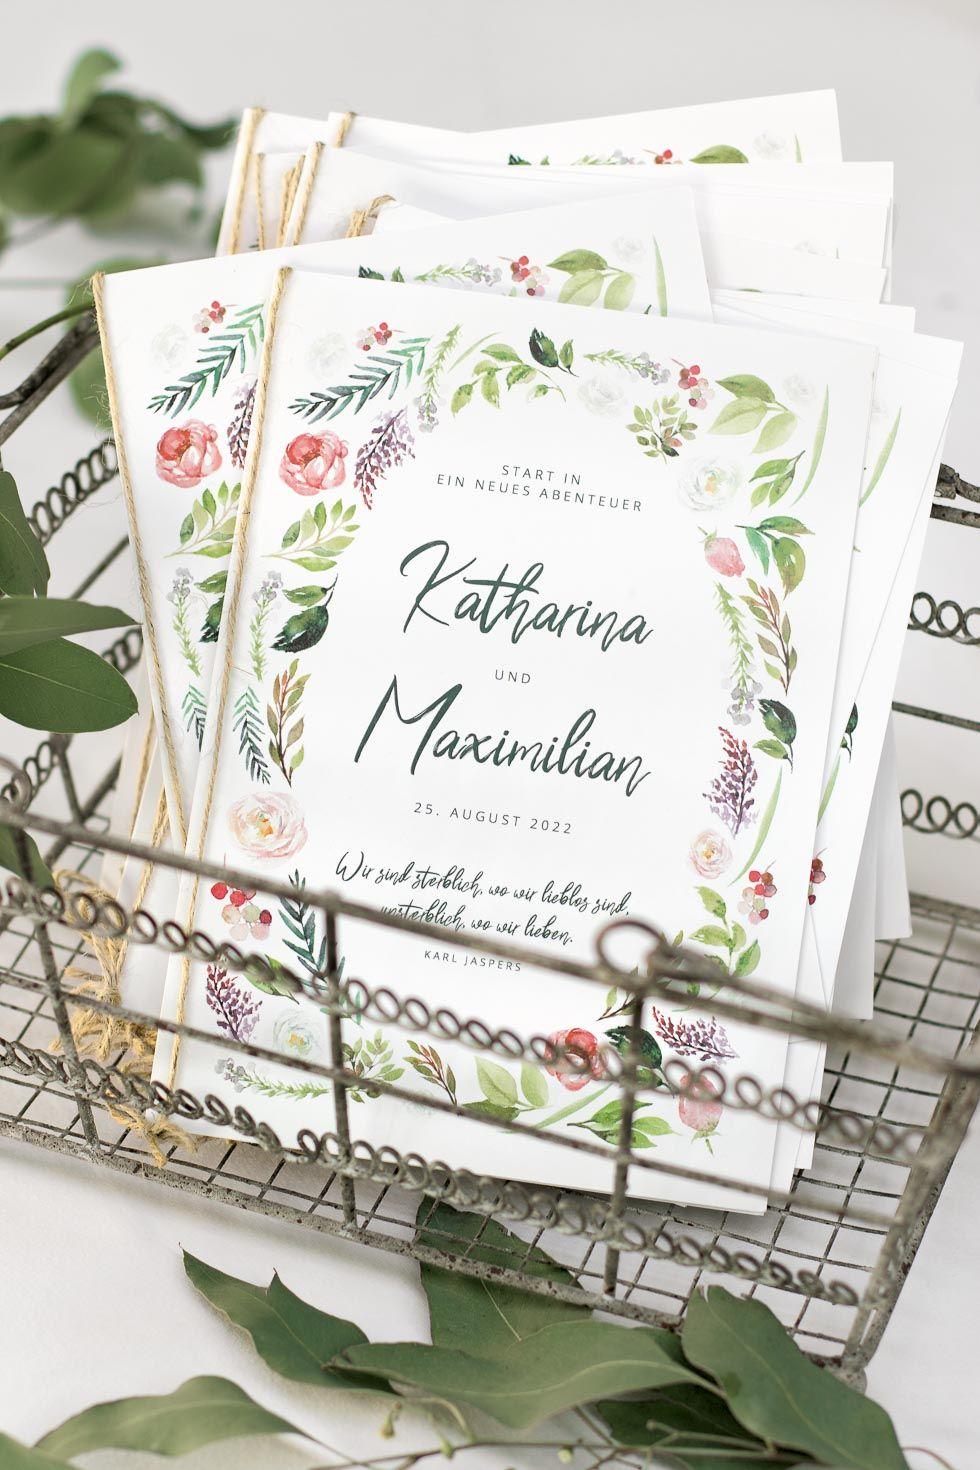 Kirchenheft Hochzeit Gestalten So Wird Es Richtig Schon Kirchenheft Hochzeit Vorlage Kirchenheft Hochzeit Karte Hochzeit